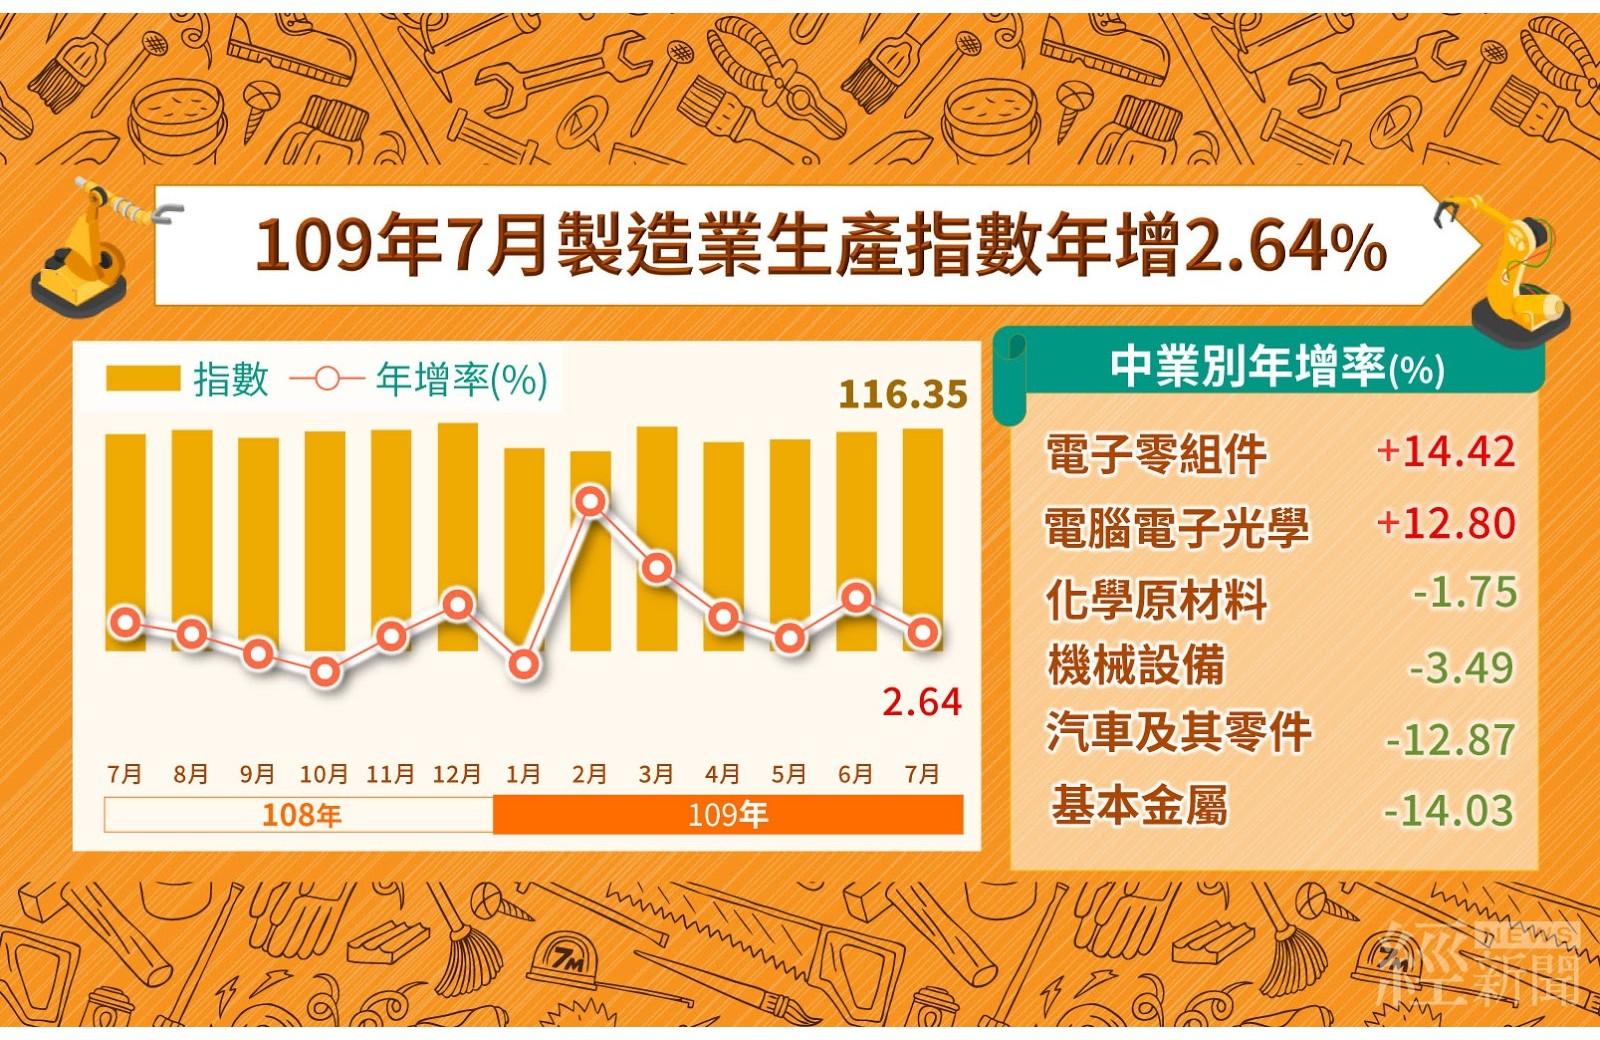 連6紅 7月製造業生產指數成長2.64%